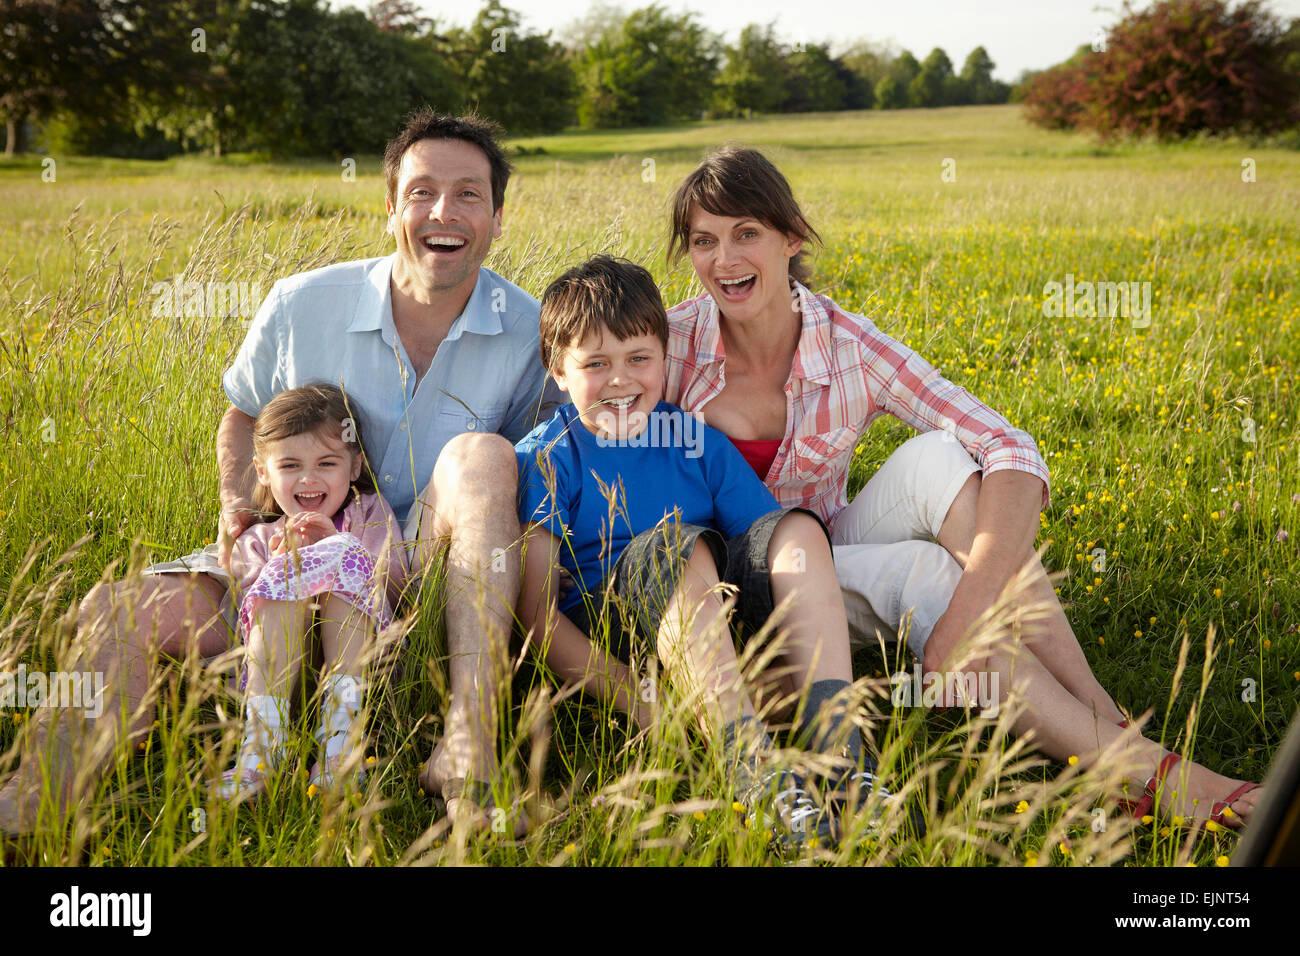 Eine Familie, zwei Eltern und zwei Kinder im Freien an einem Sommerabend. Stockbild